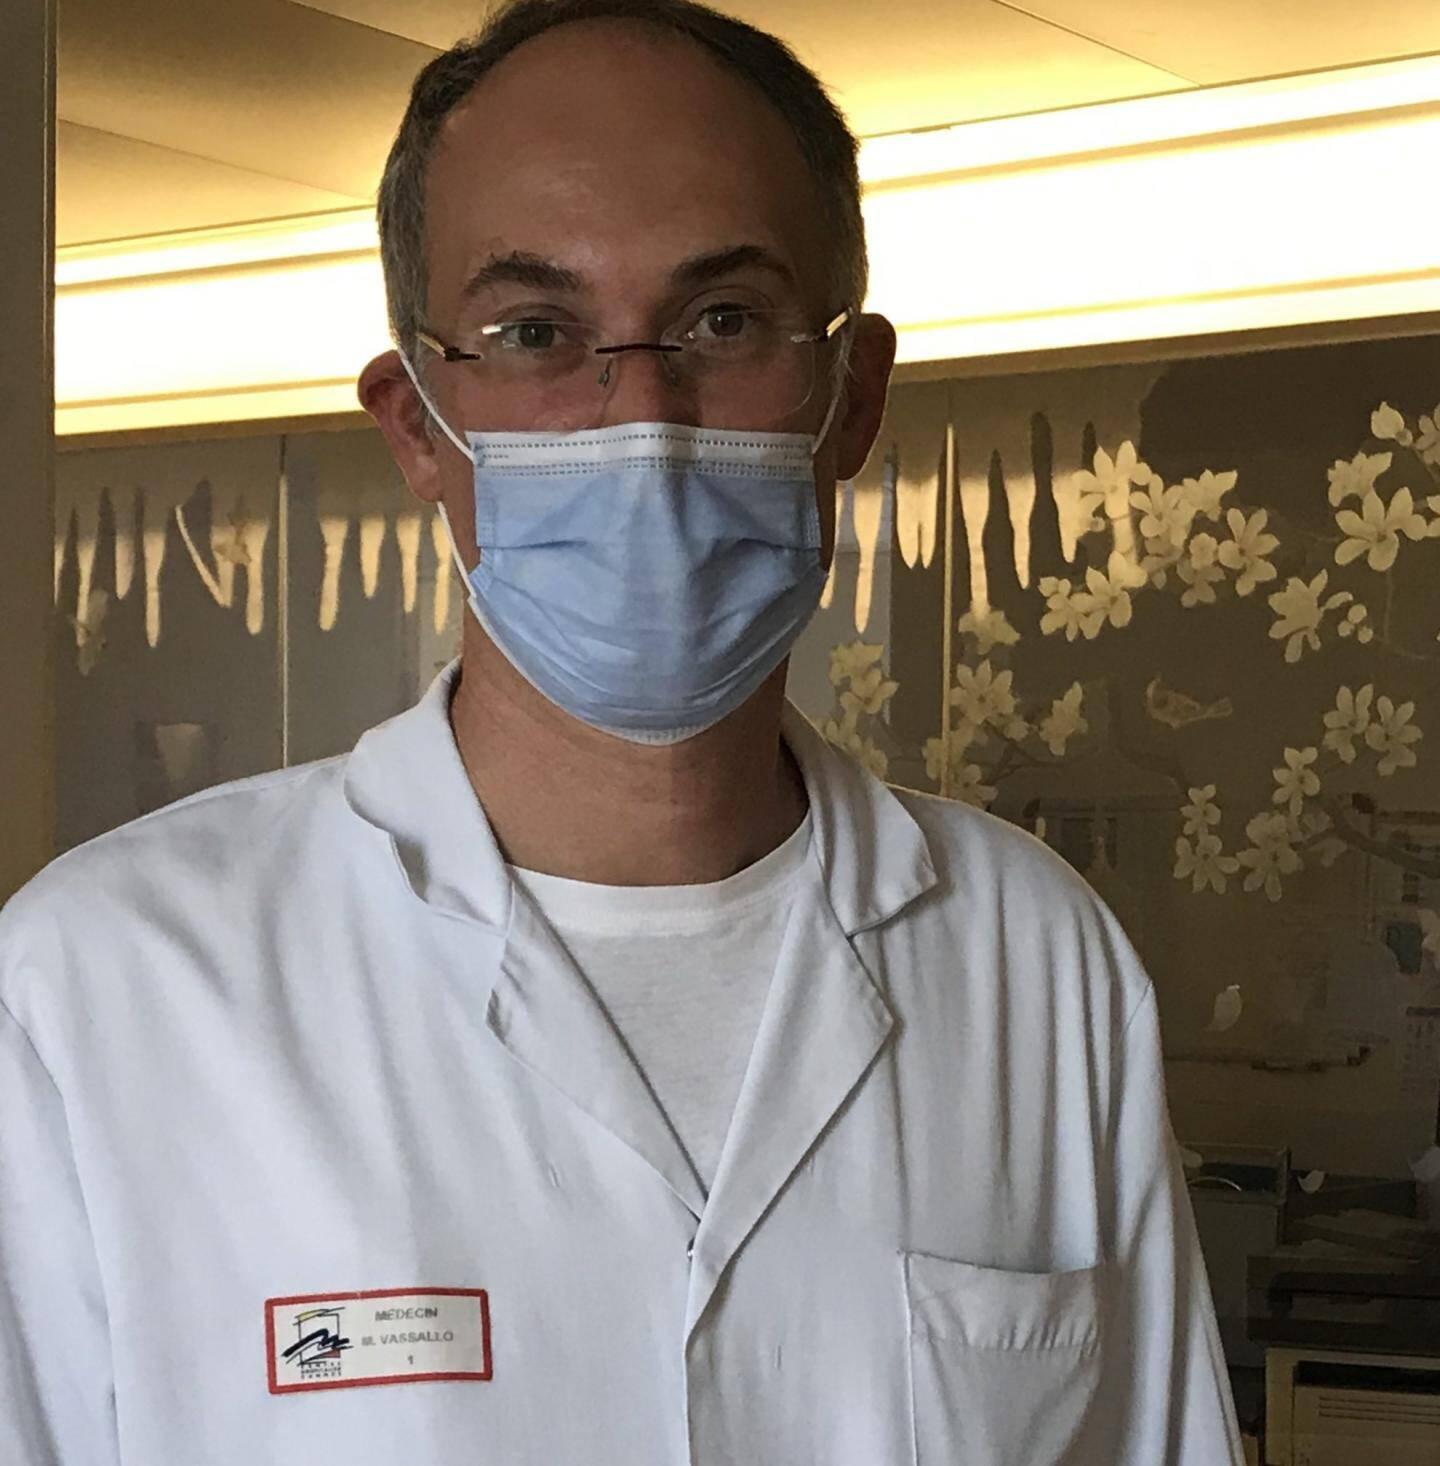 """""""On pourrait identifier rapidement  les personnes à risque de dégradation"""", explique le Dr Mattéo Vassallo, chef du service d'infectiologie du centre hospitalier de Cannes."""